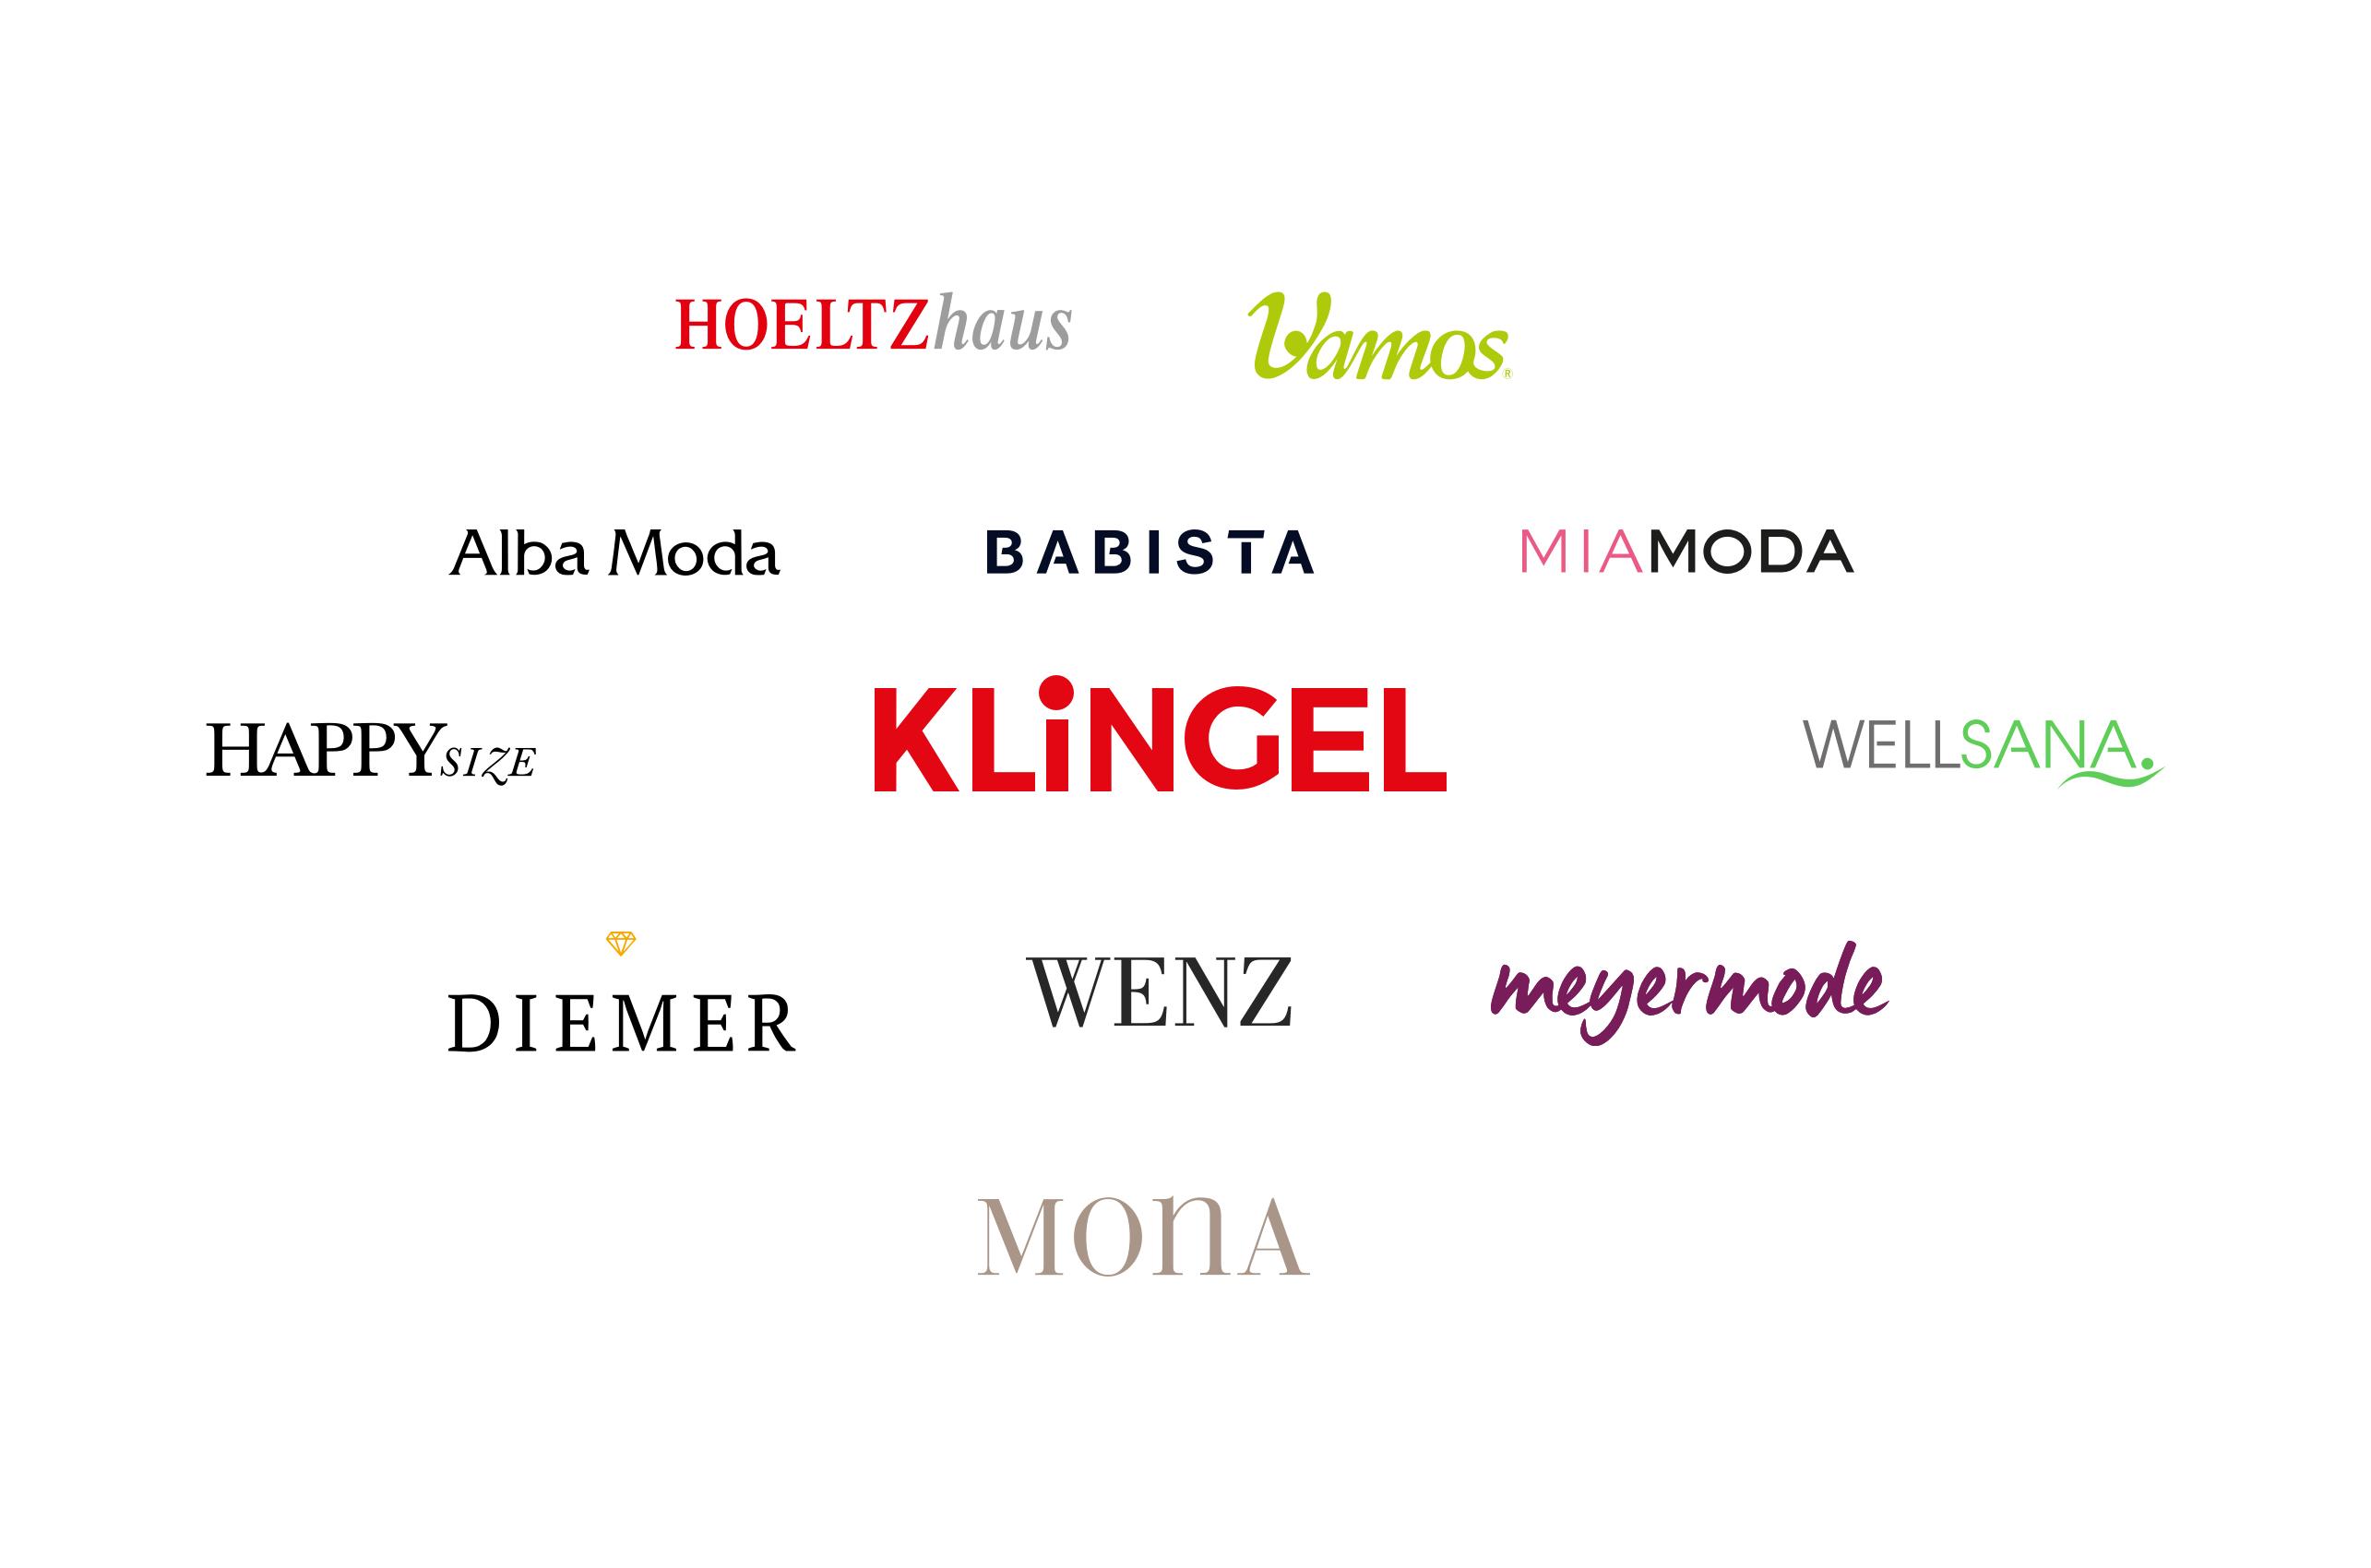 Die Marken der KLiNGEL Gruppe